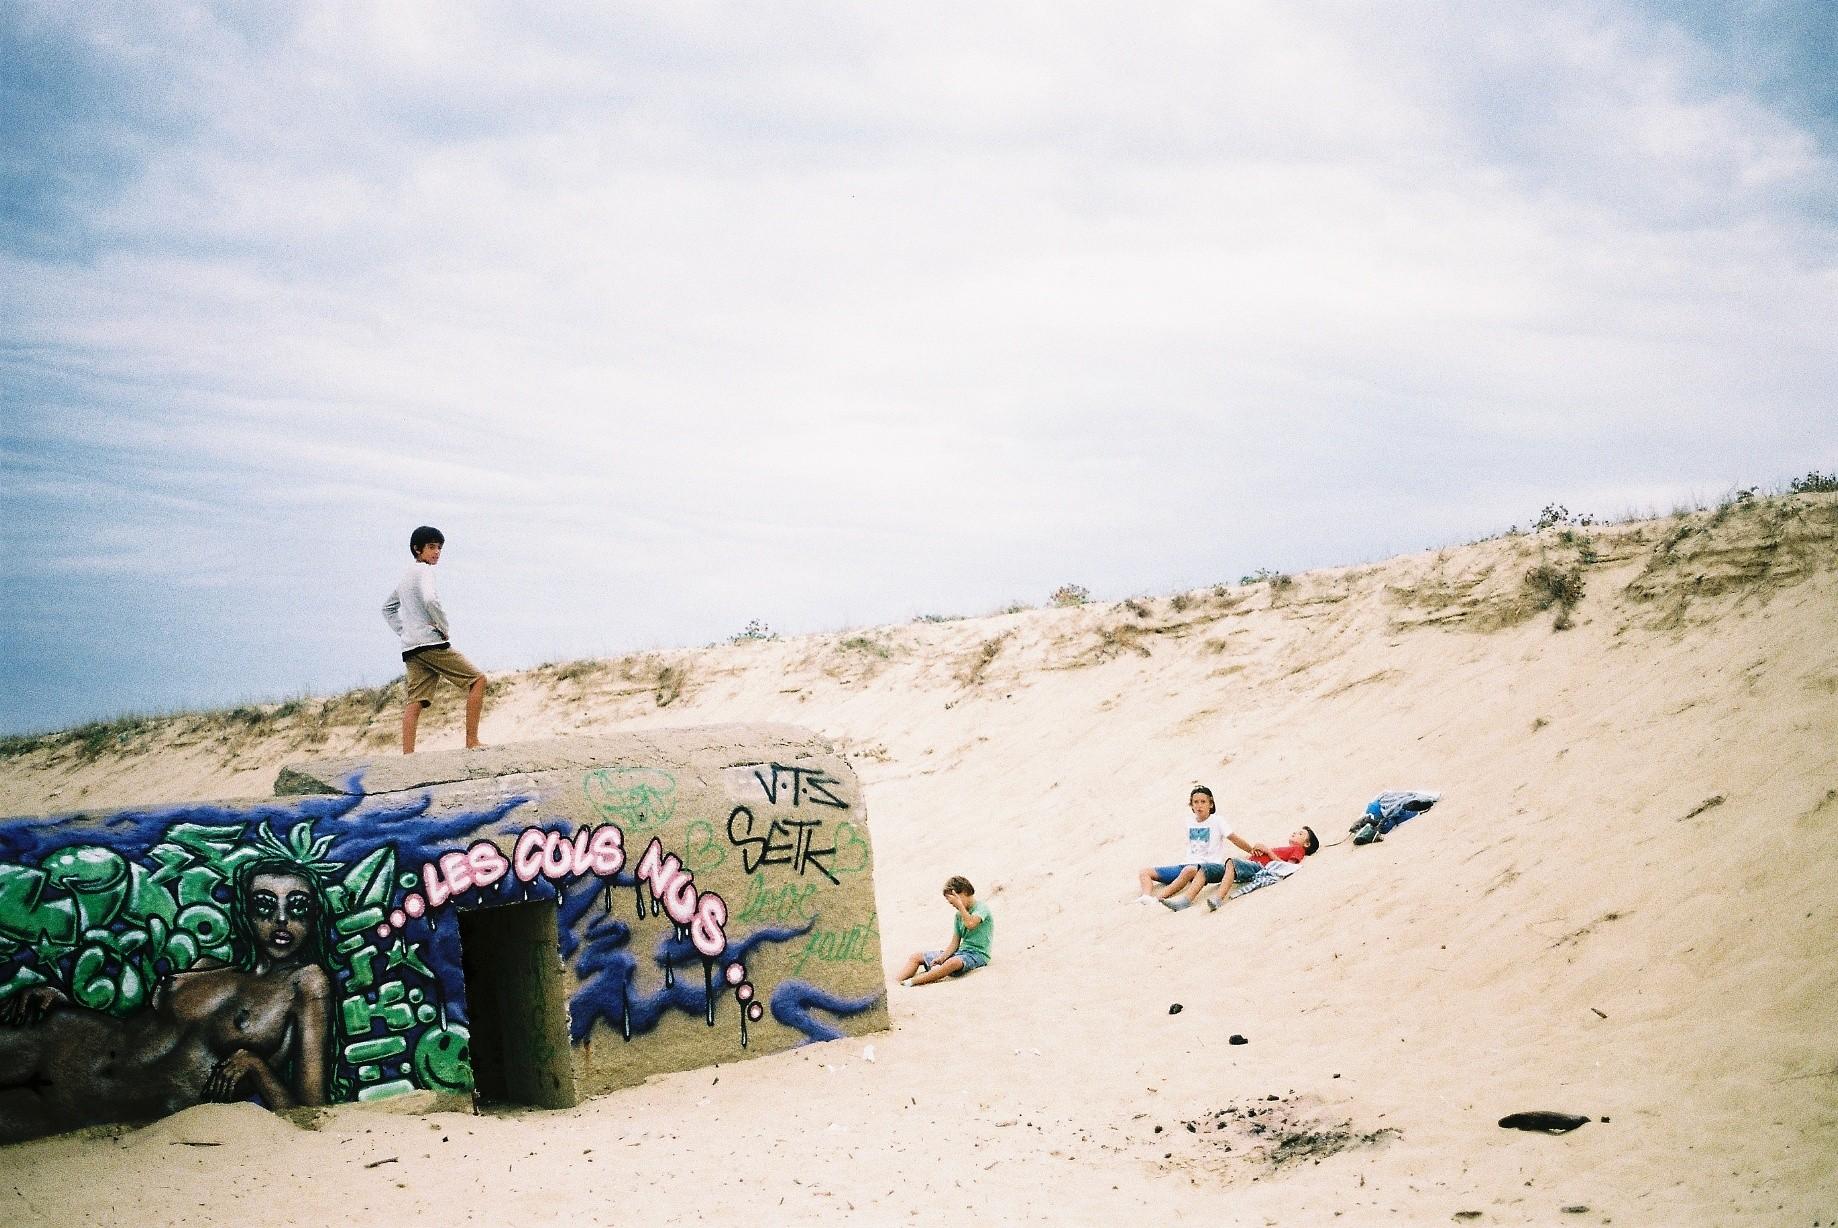 The beach gang